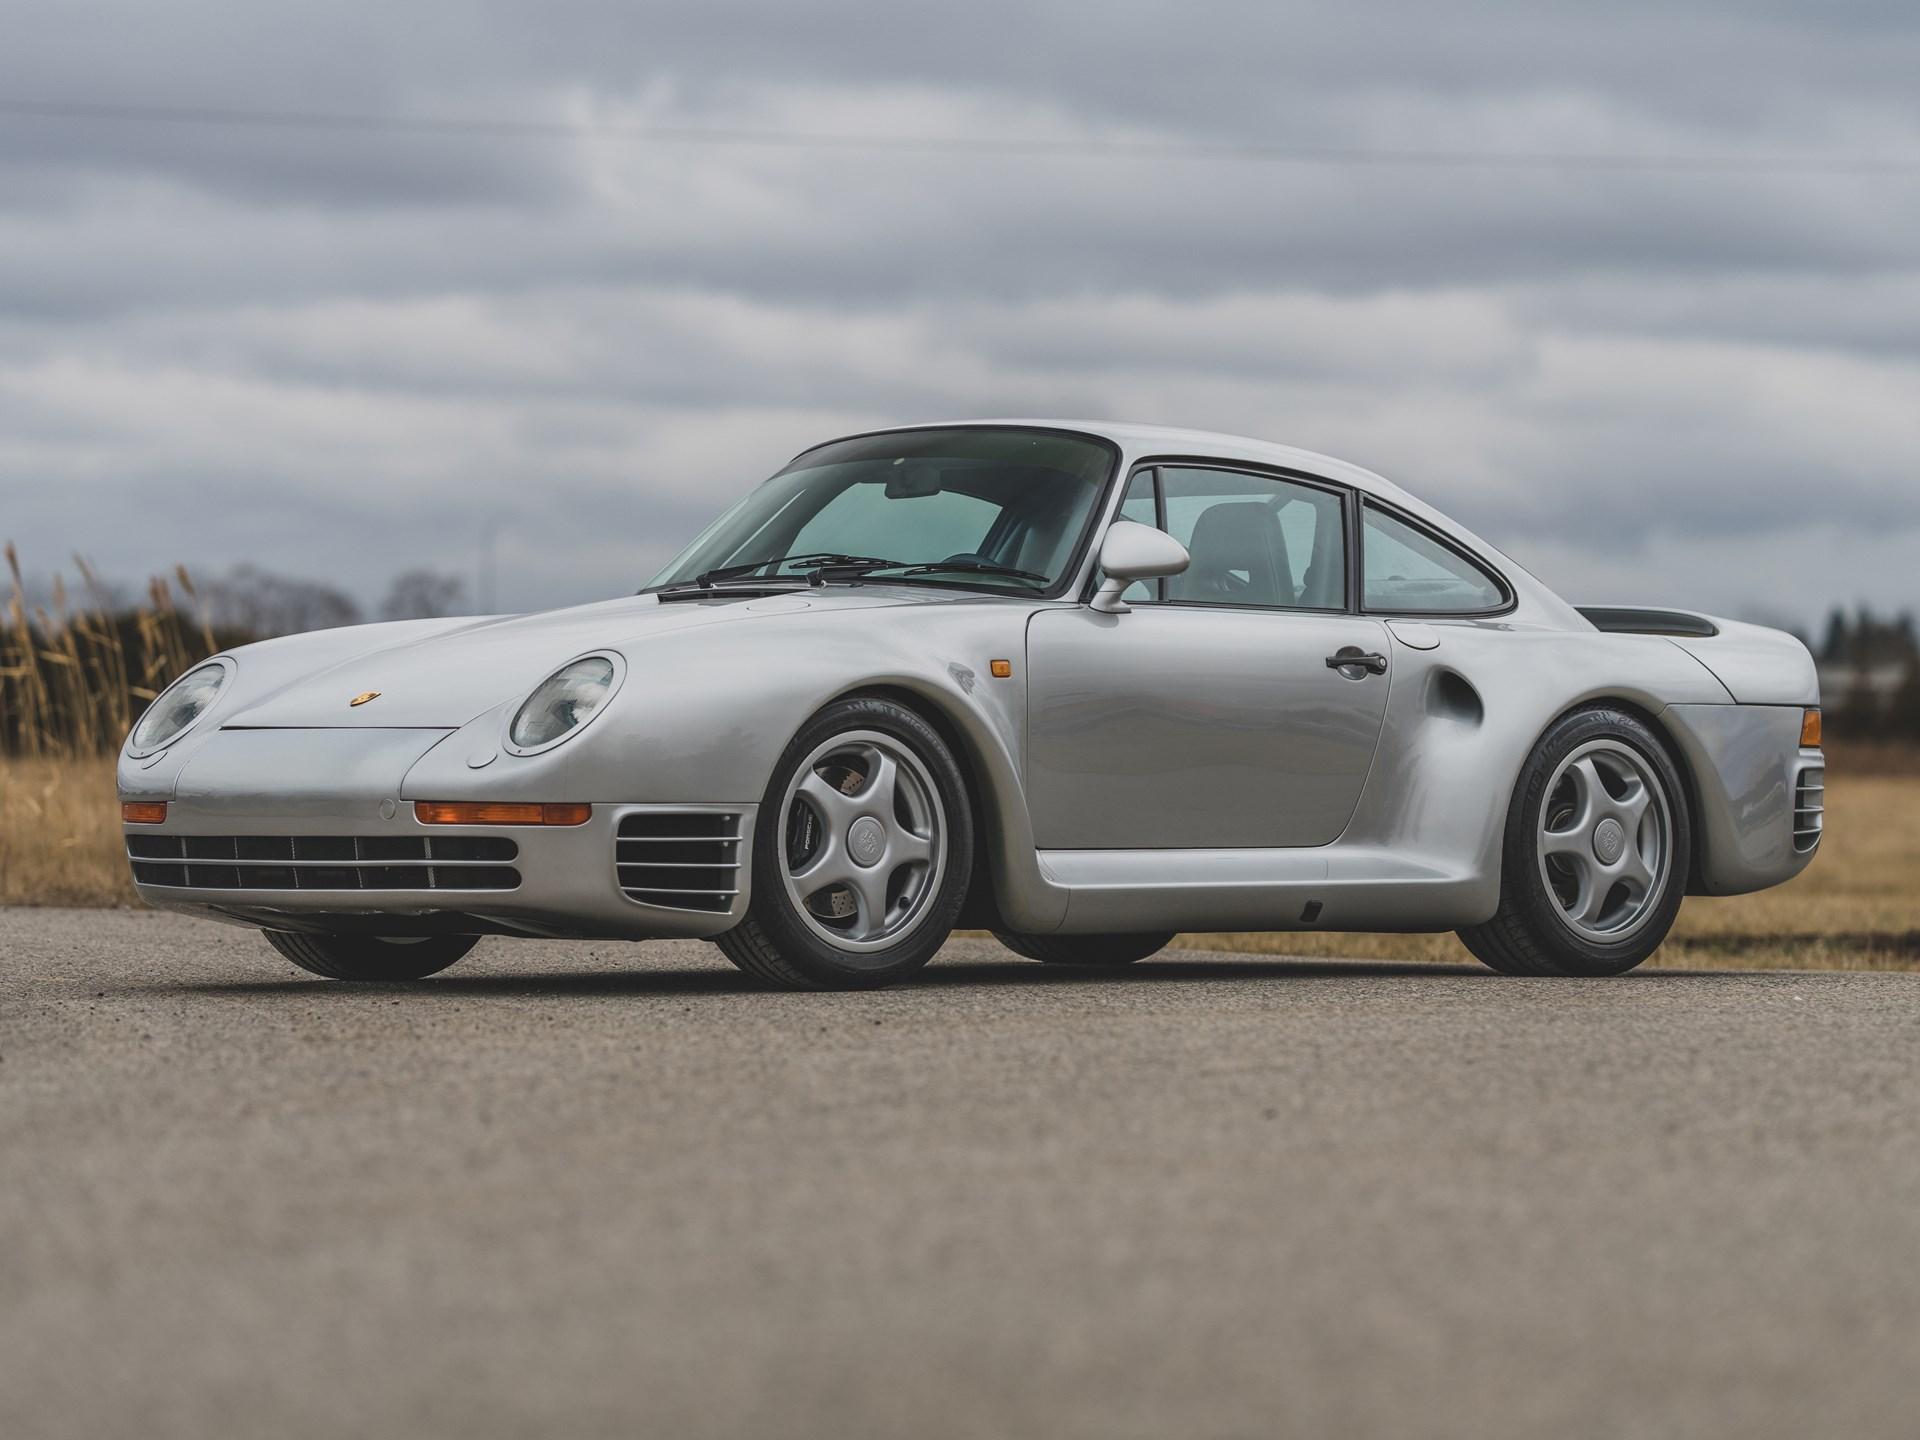 1987 Porsche 959 California-Legal by Canepa